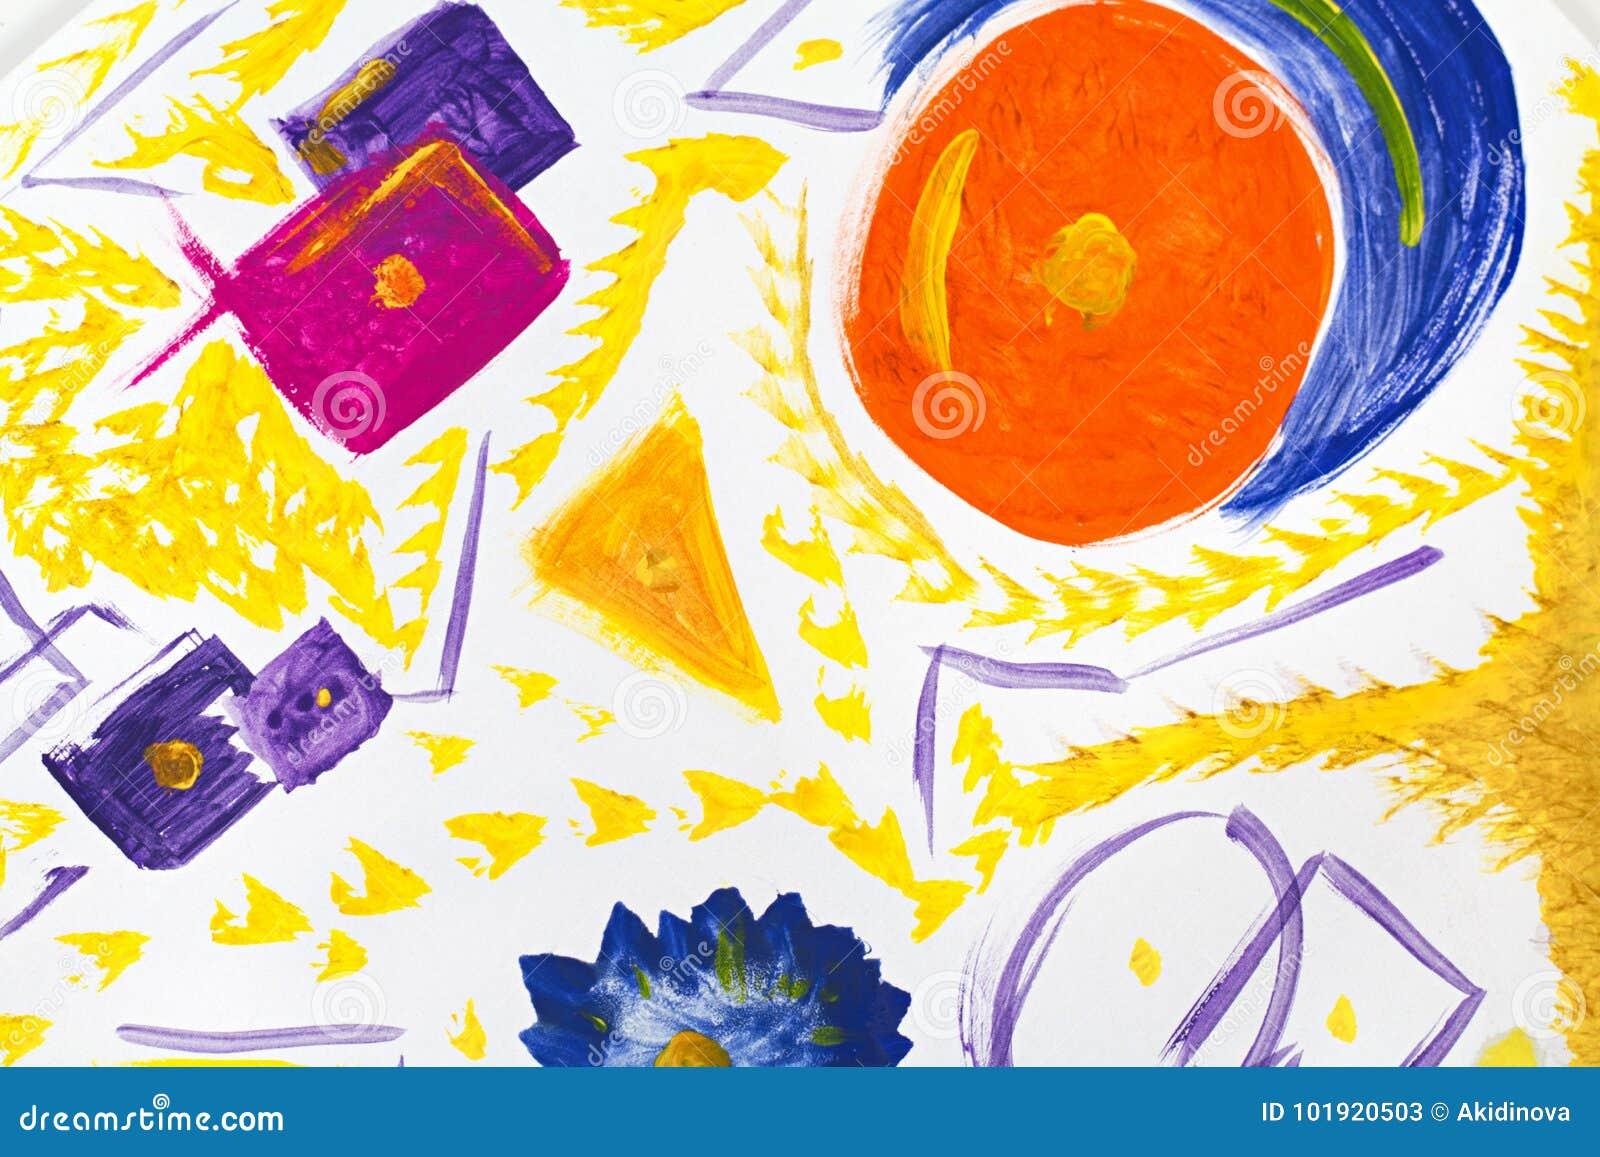 Abstracte blauwe textuur Kan als mooie achtergrond voor creatief ontwerp van affiches, kaarten, uitnodigingen, behang worden gebr